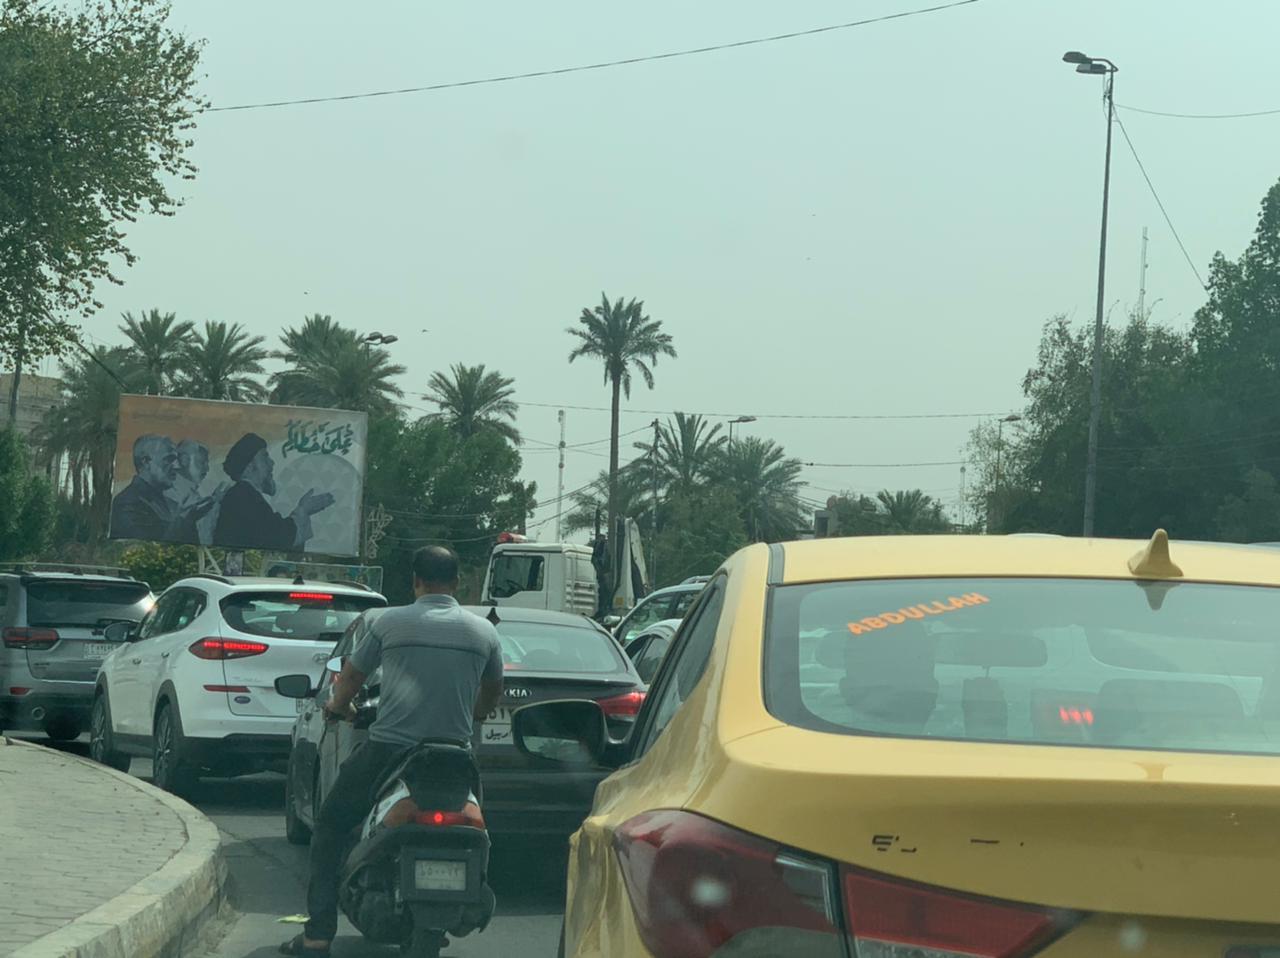 بغداد تختنق مروريا نتيجة تظاهرات المفسوخة عقودهم من الحشد (صور)